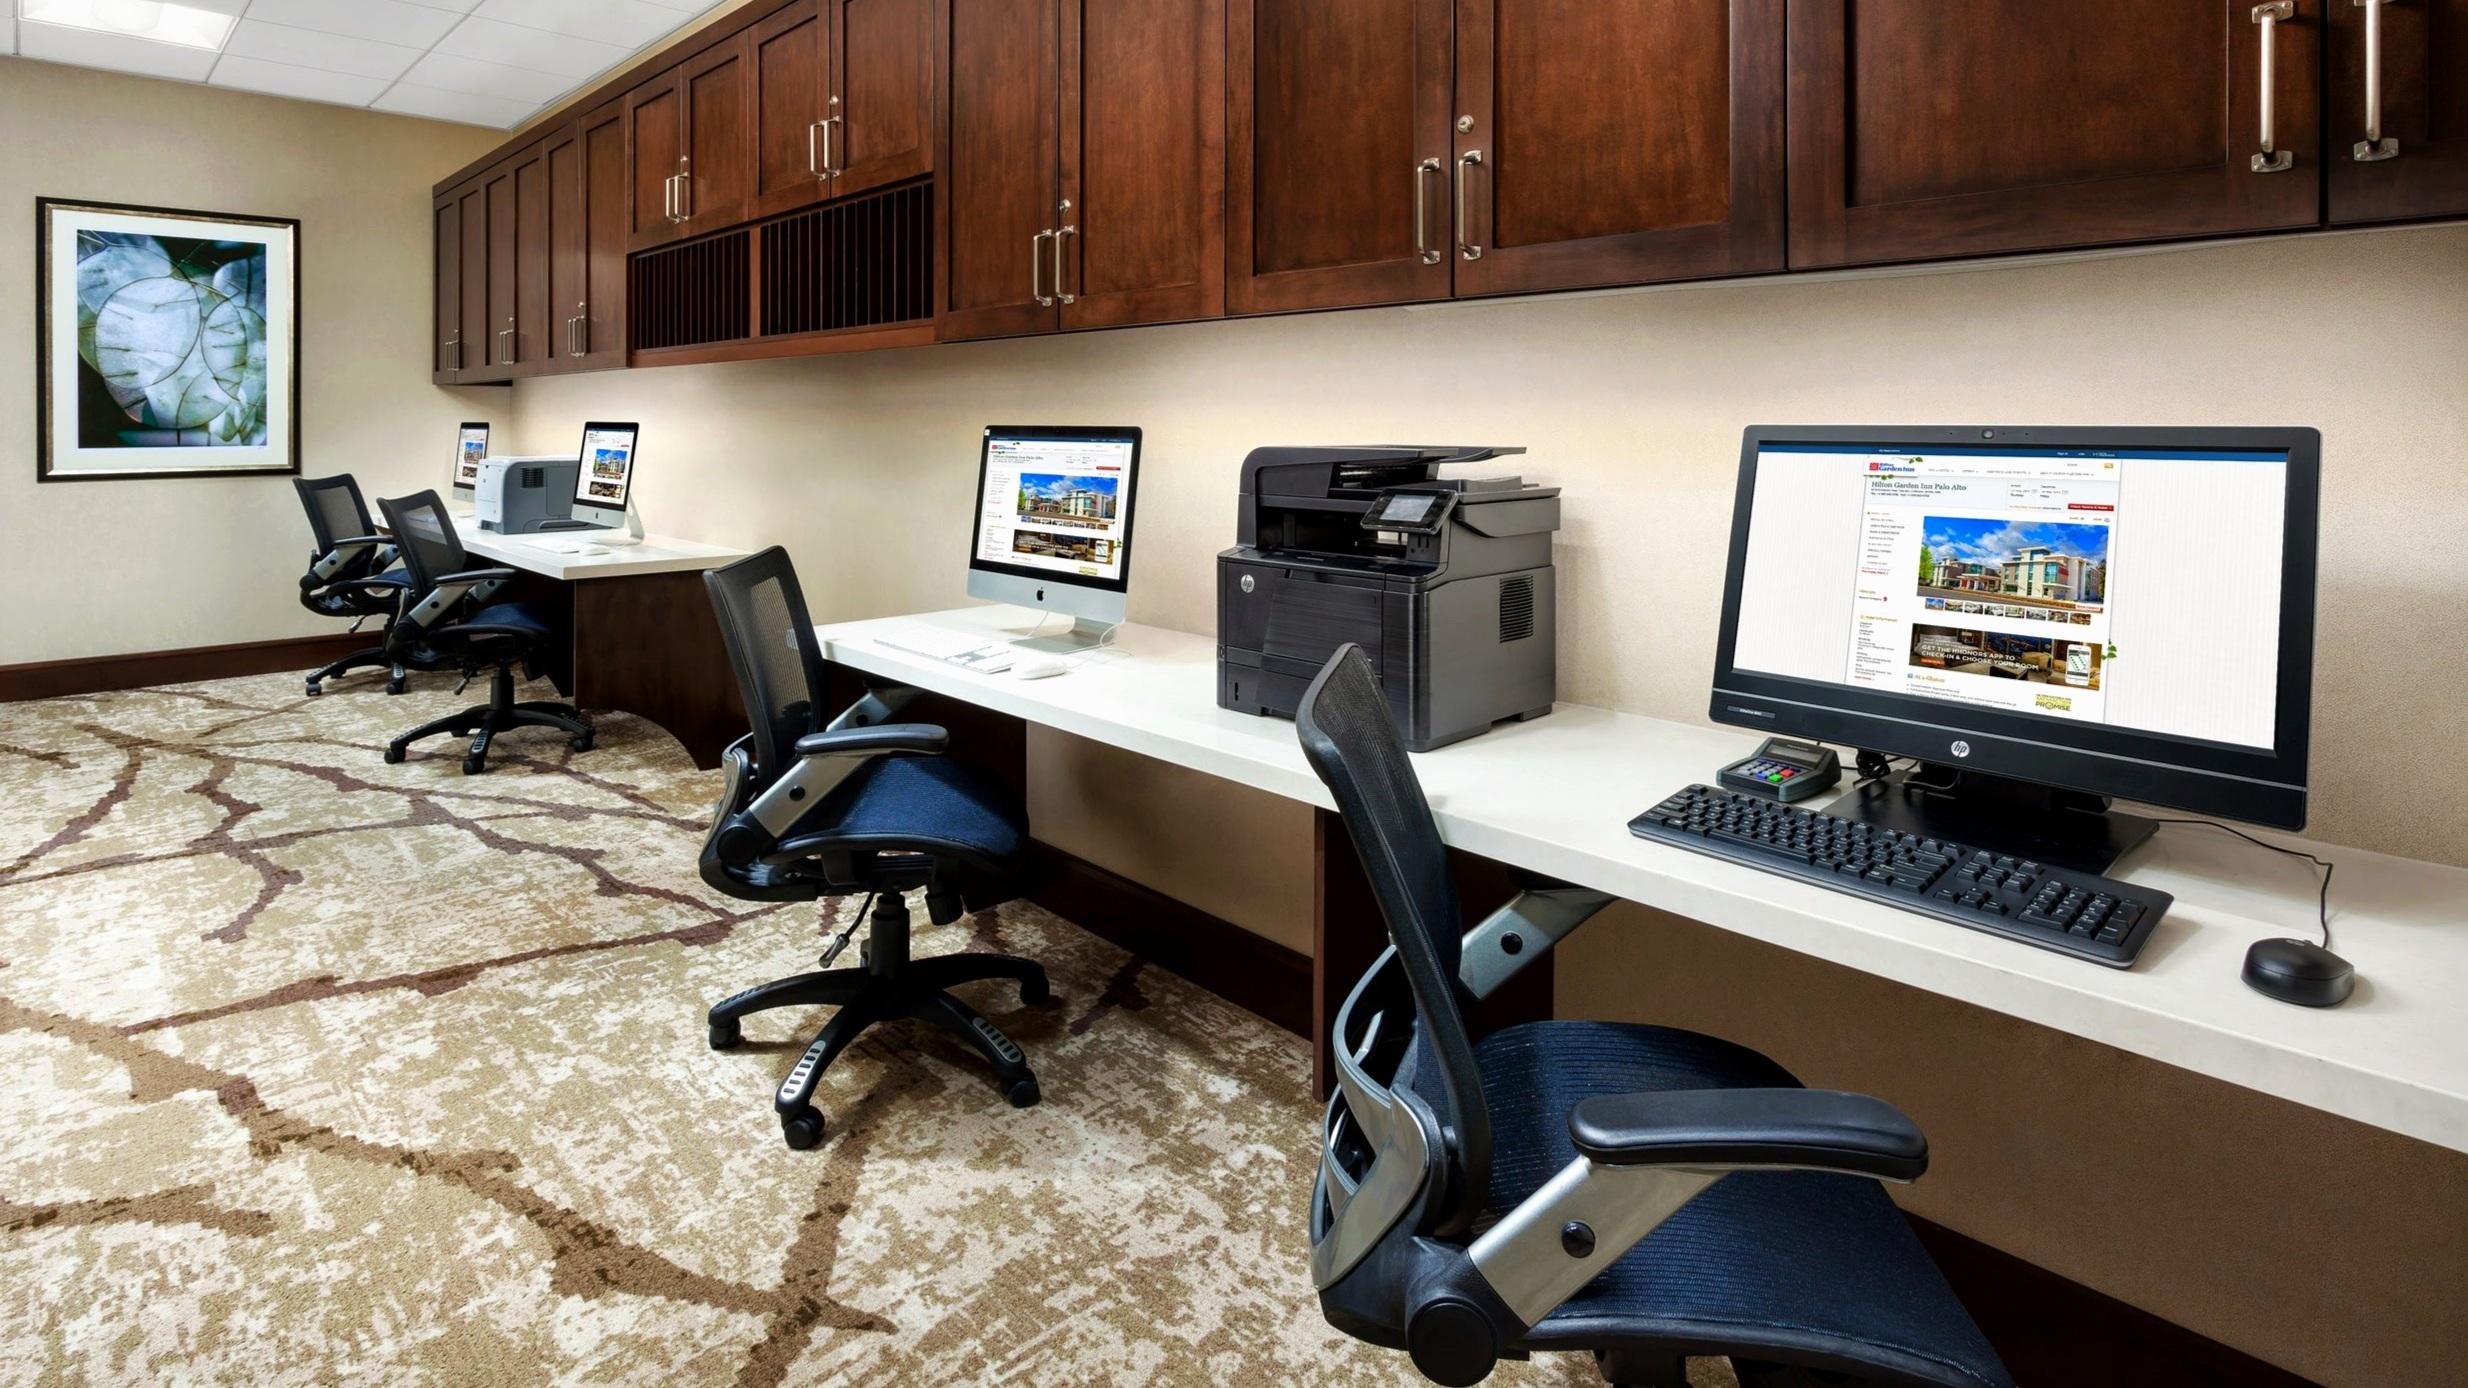 Business Center at Hilton Garden Inn, Palo Alto